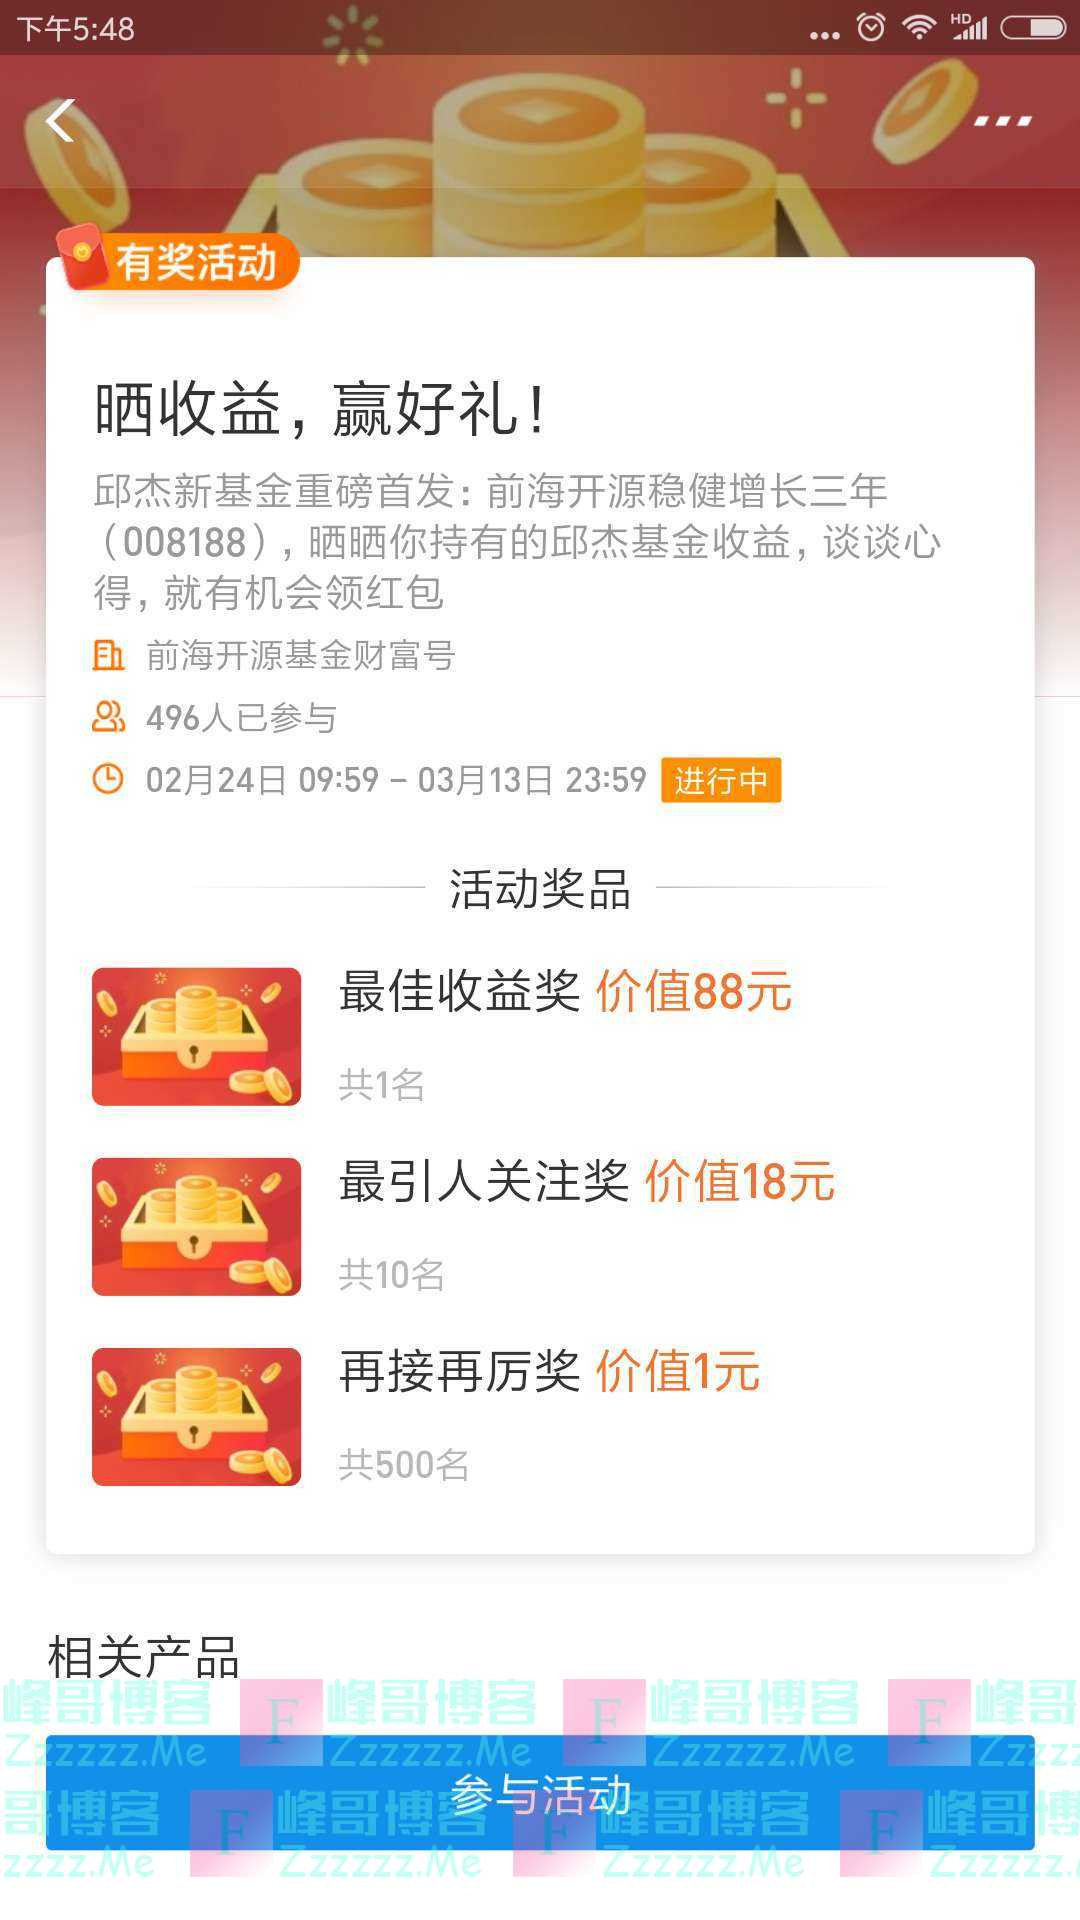 前海开源基金晒收益 赢好礼(截止3月13日)